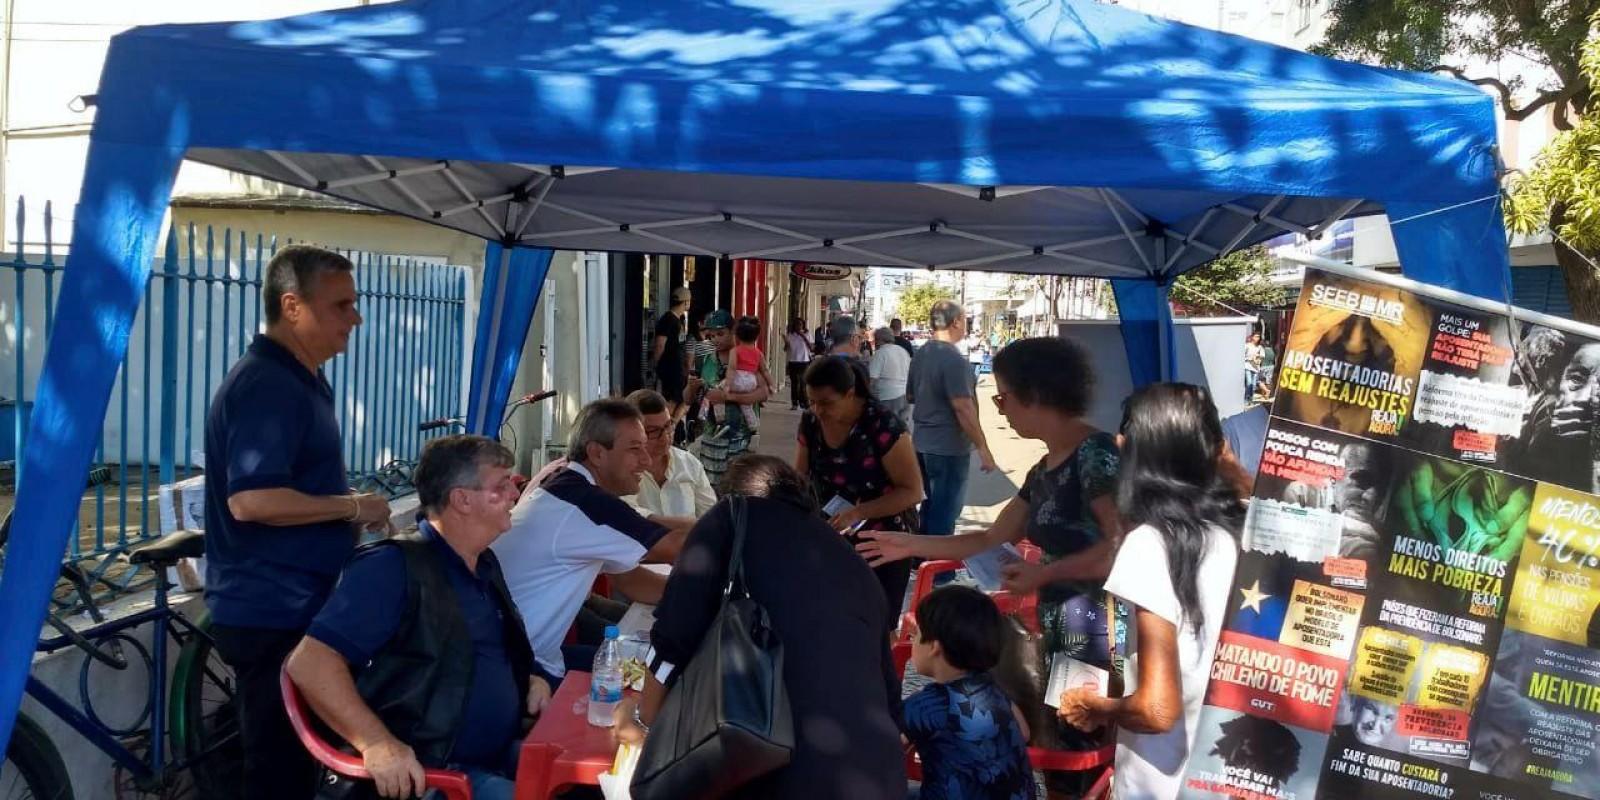 Sindicato dos bancários de Macaé distribuem cartilhas e colhem assinaturas contra a reforma da previdência